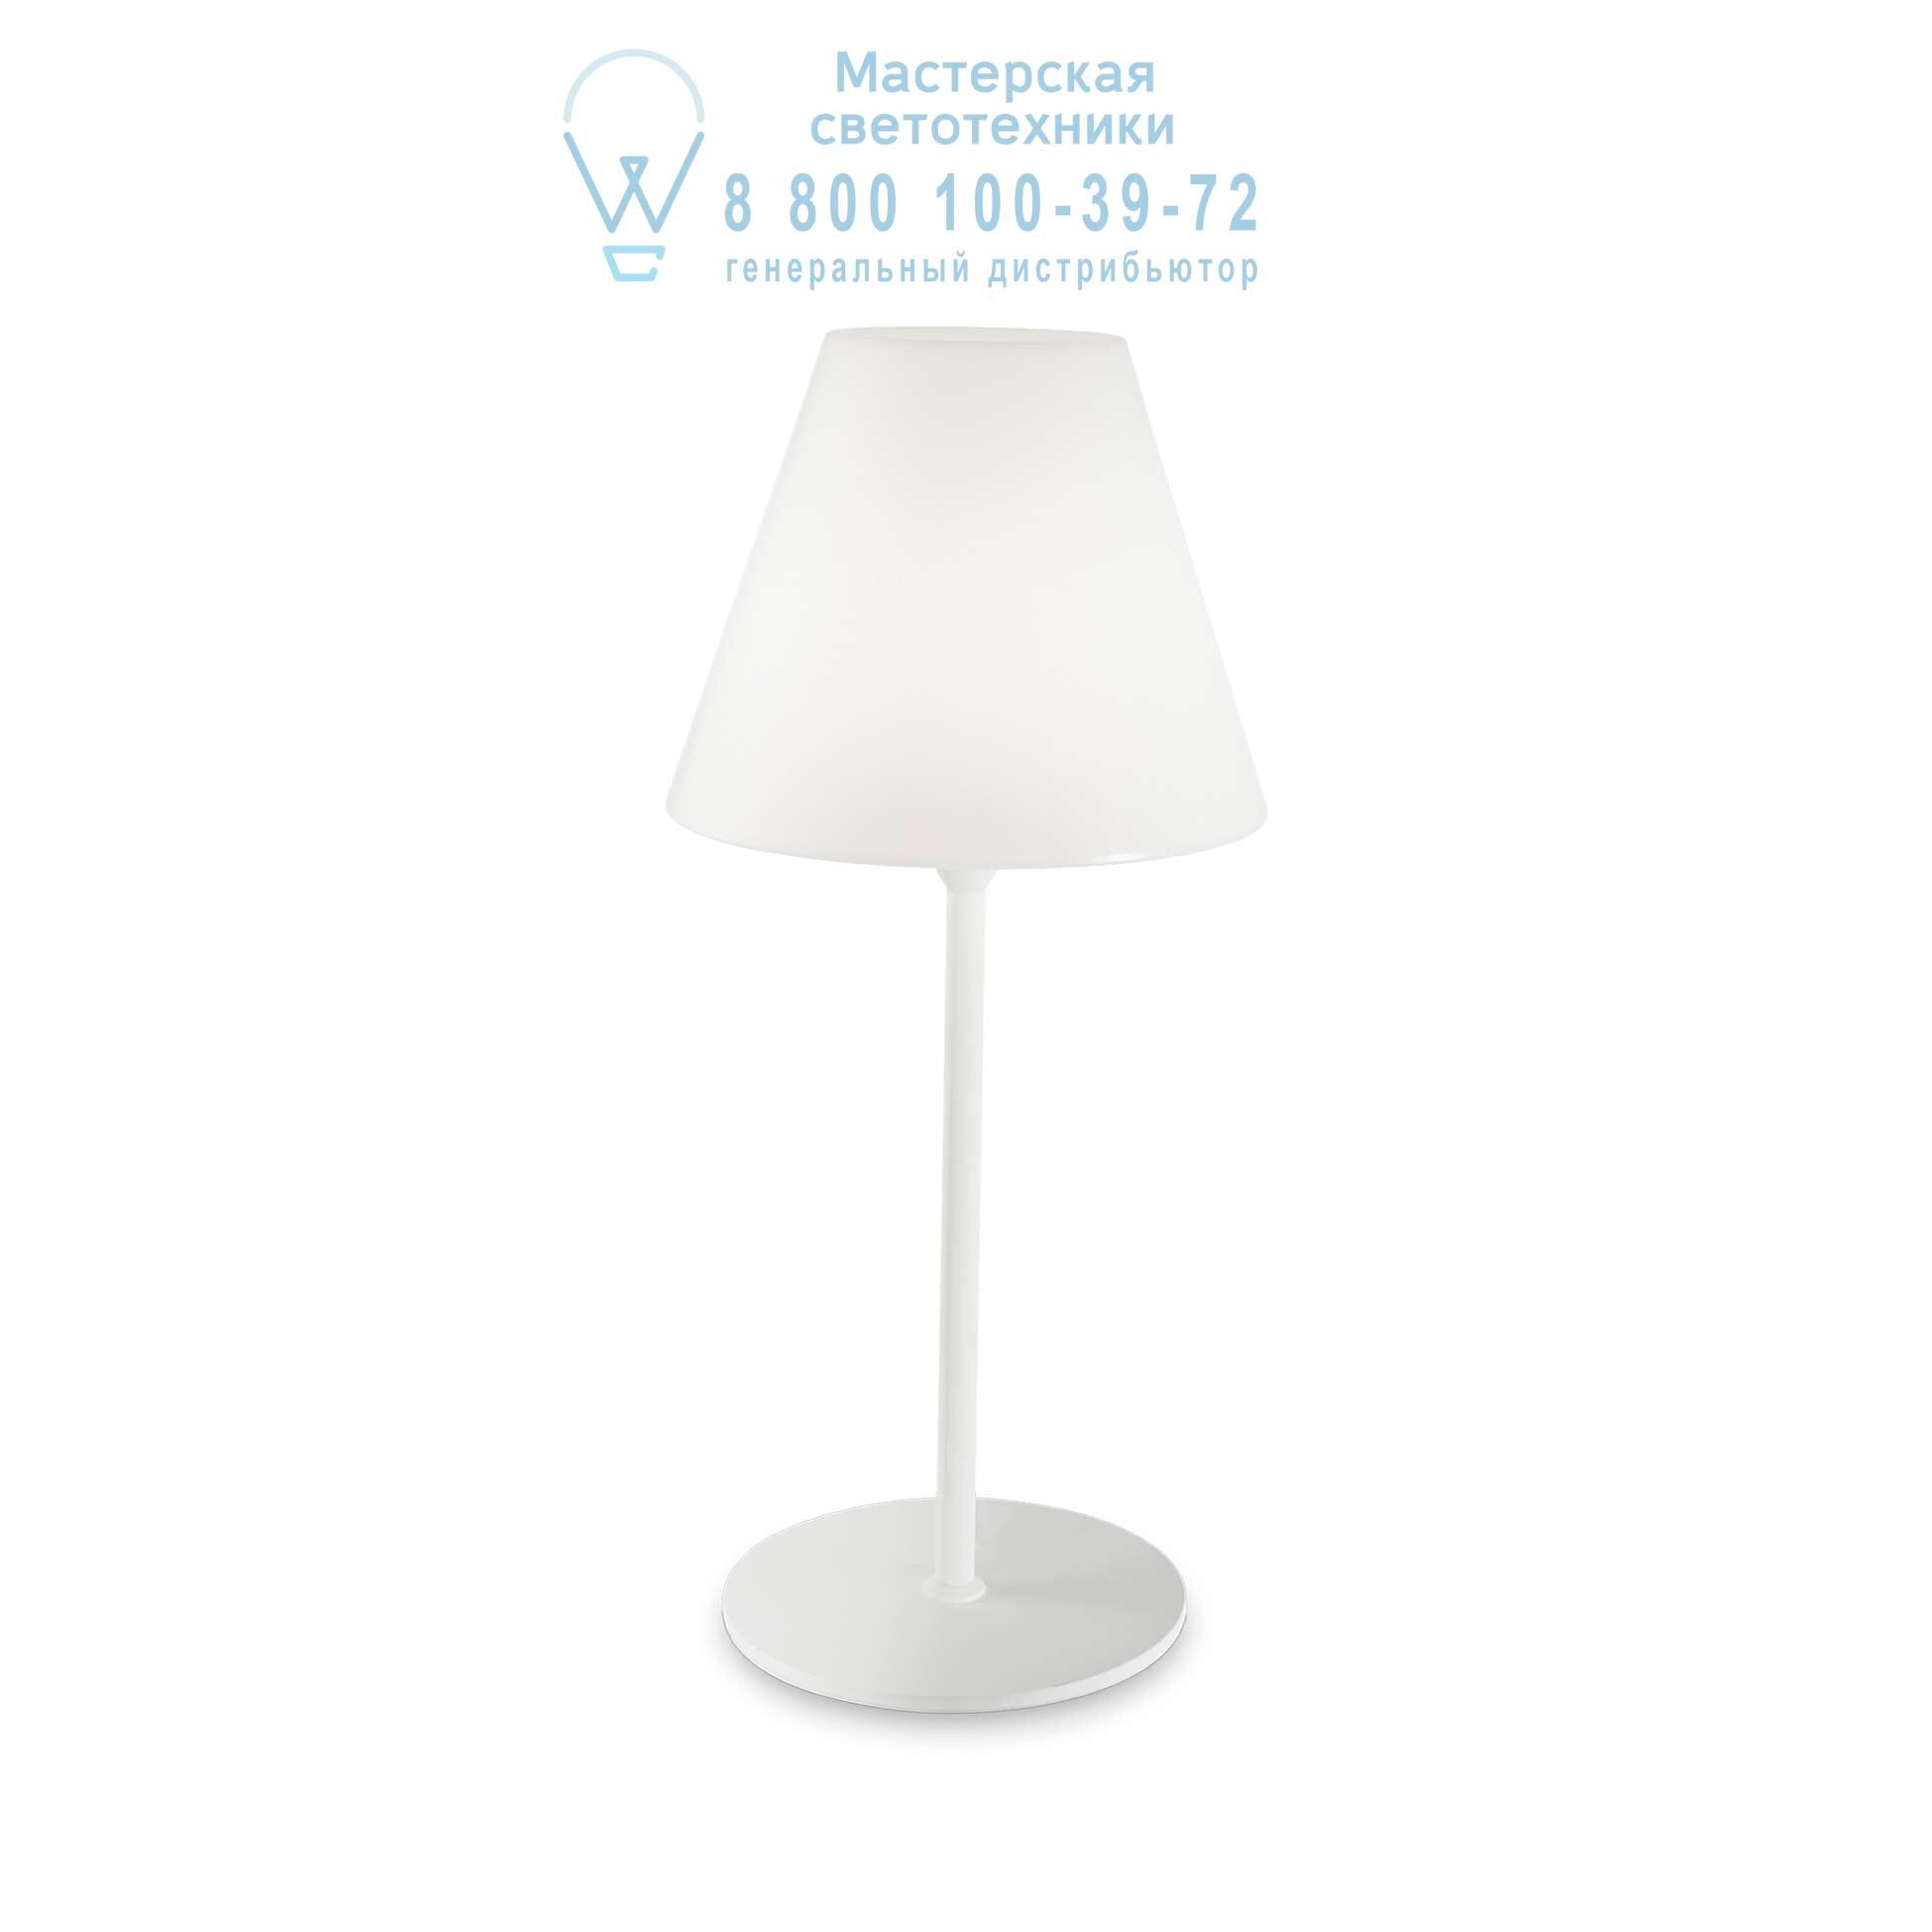 ITACA TL1 уличный настольный светильник белый